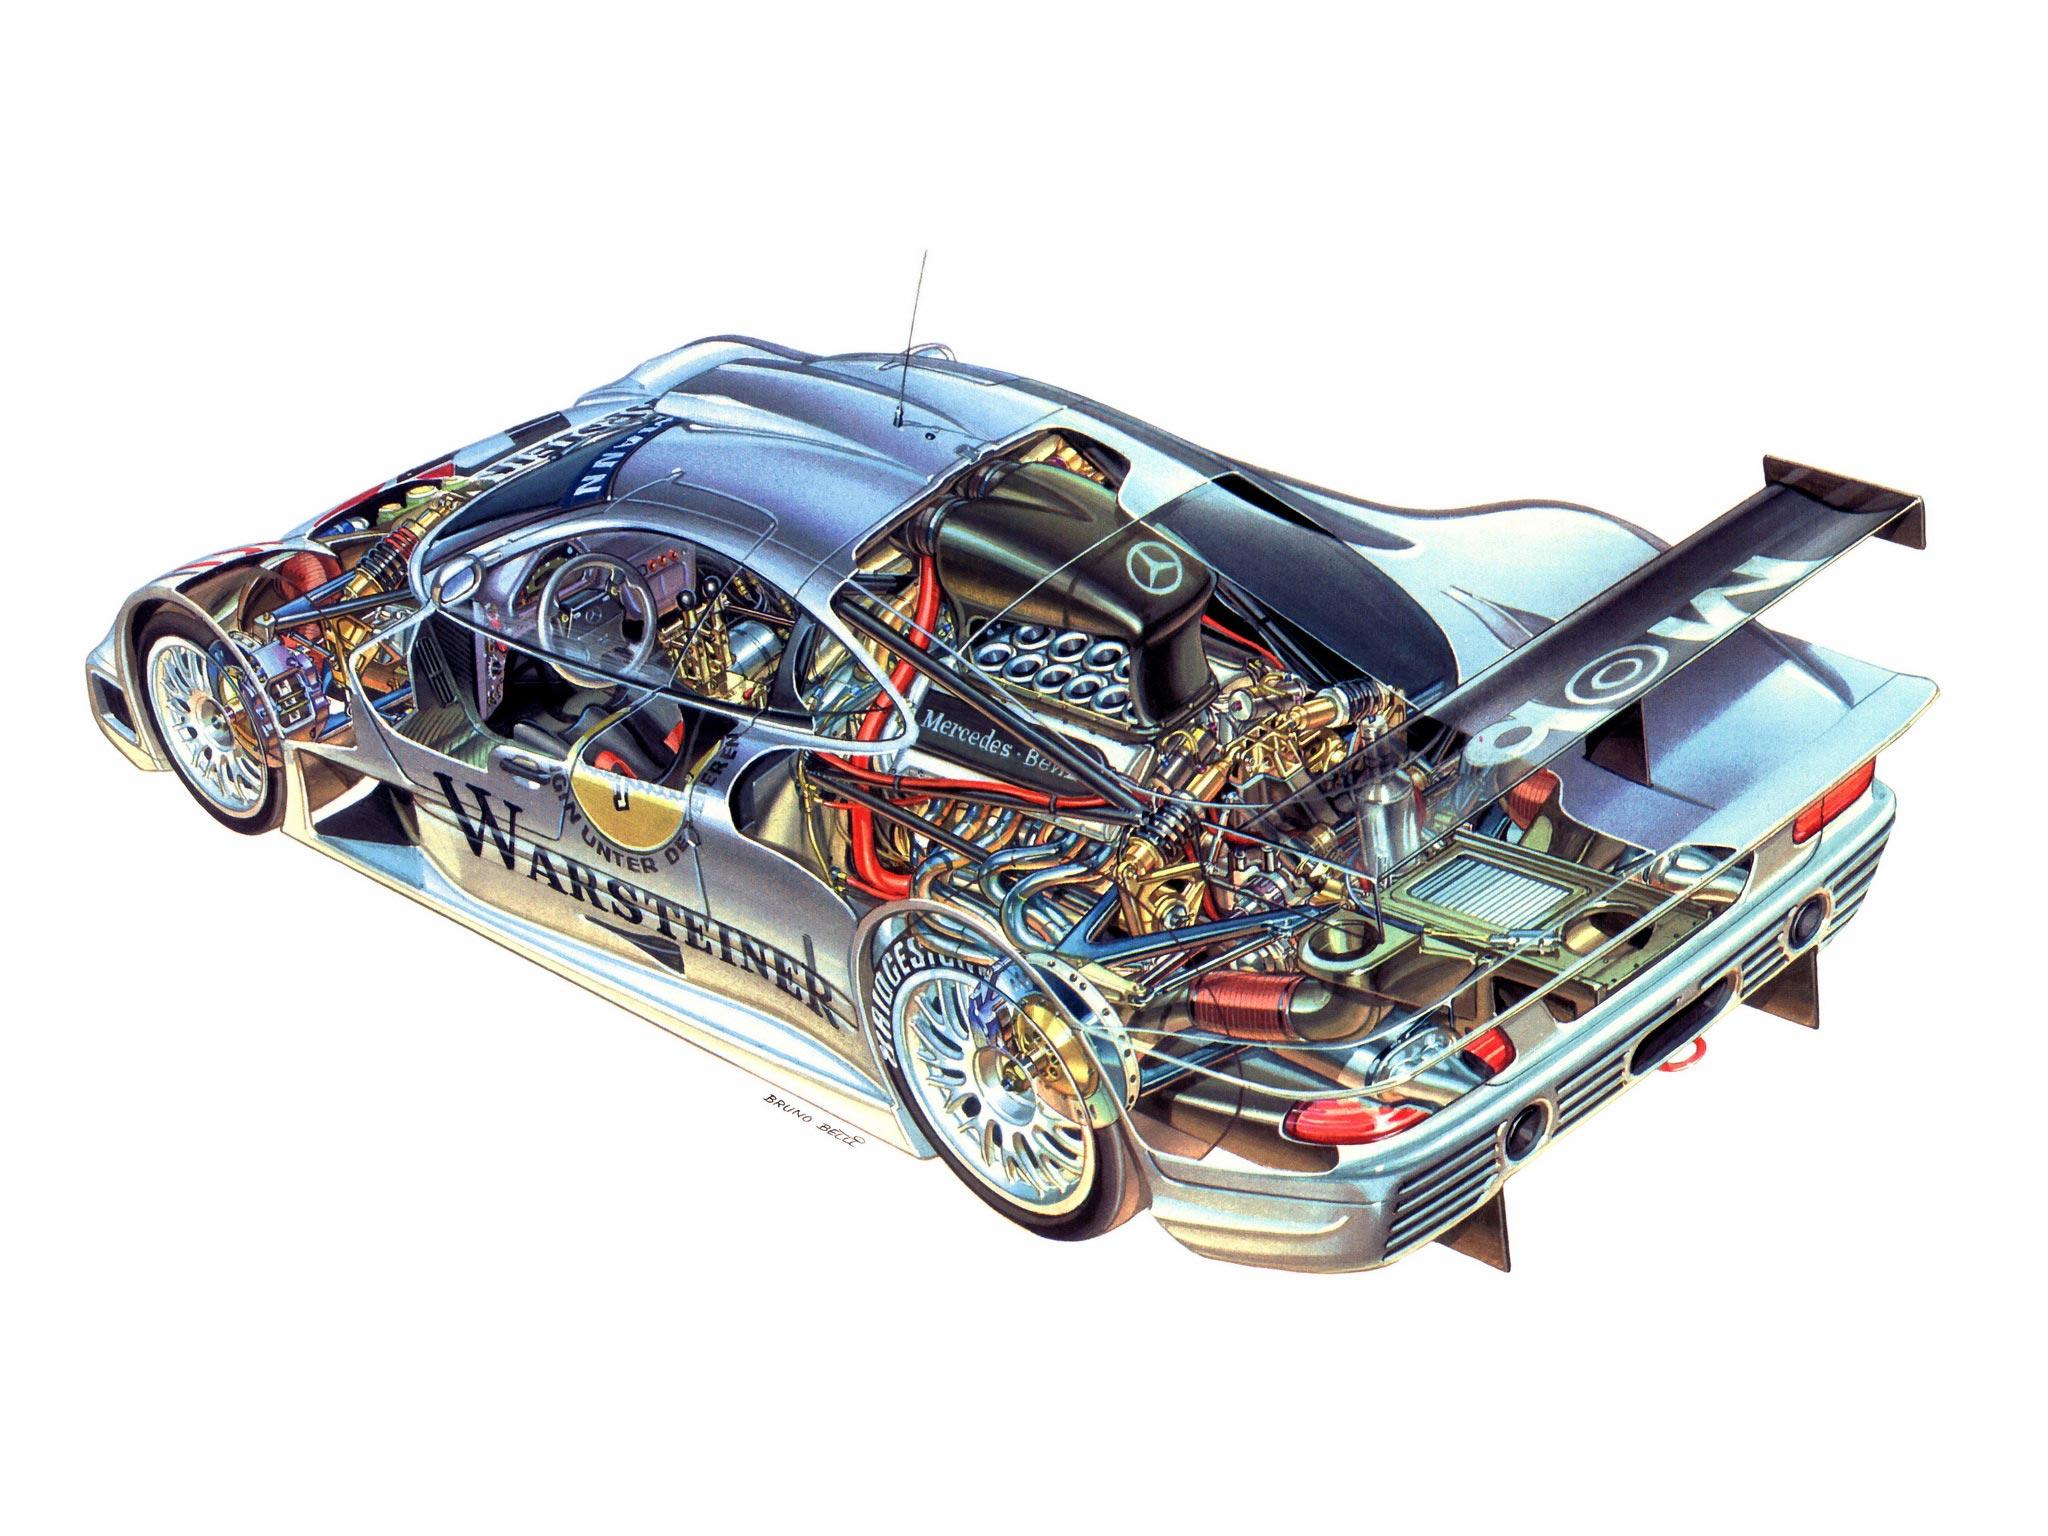 Mercedes-Benz CLK GTR cutaway